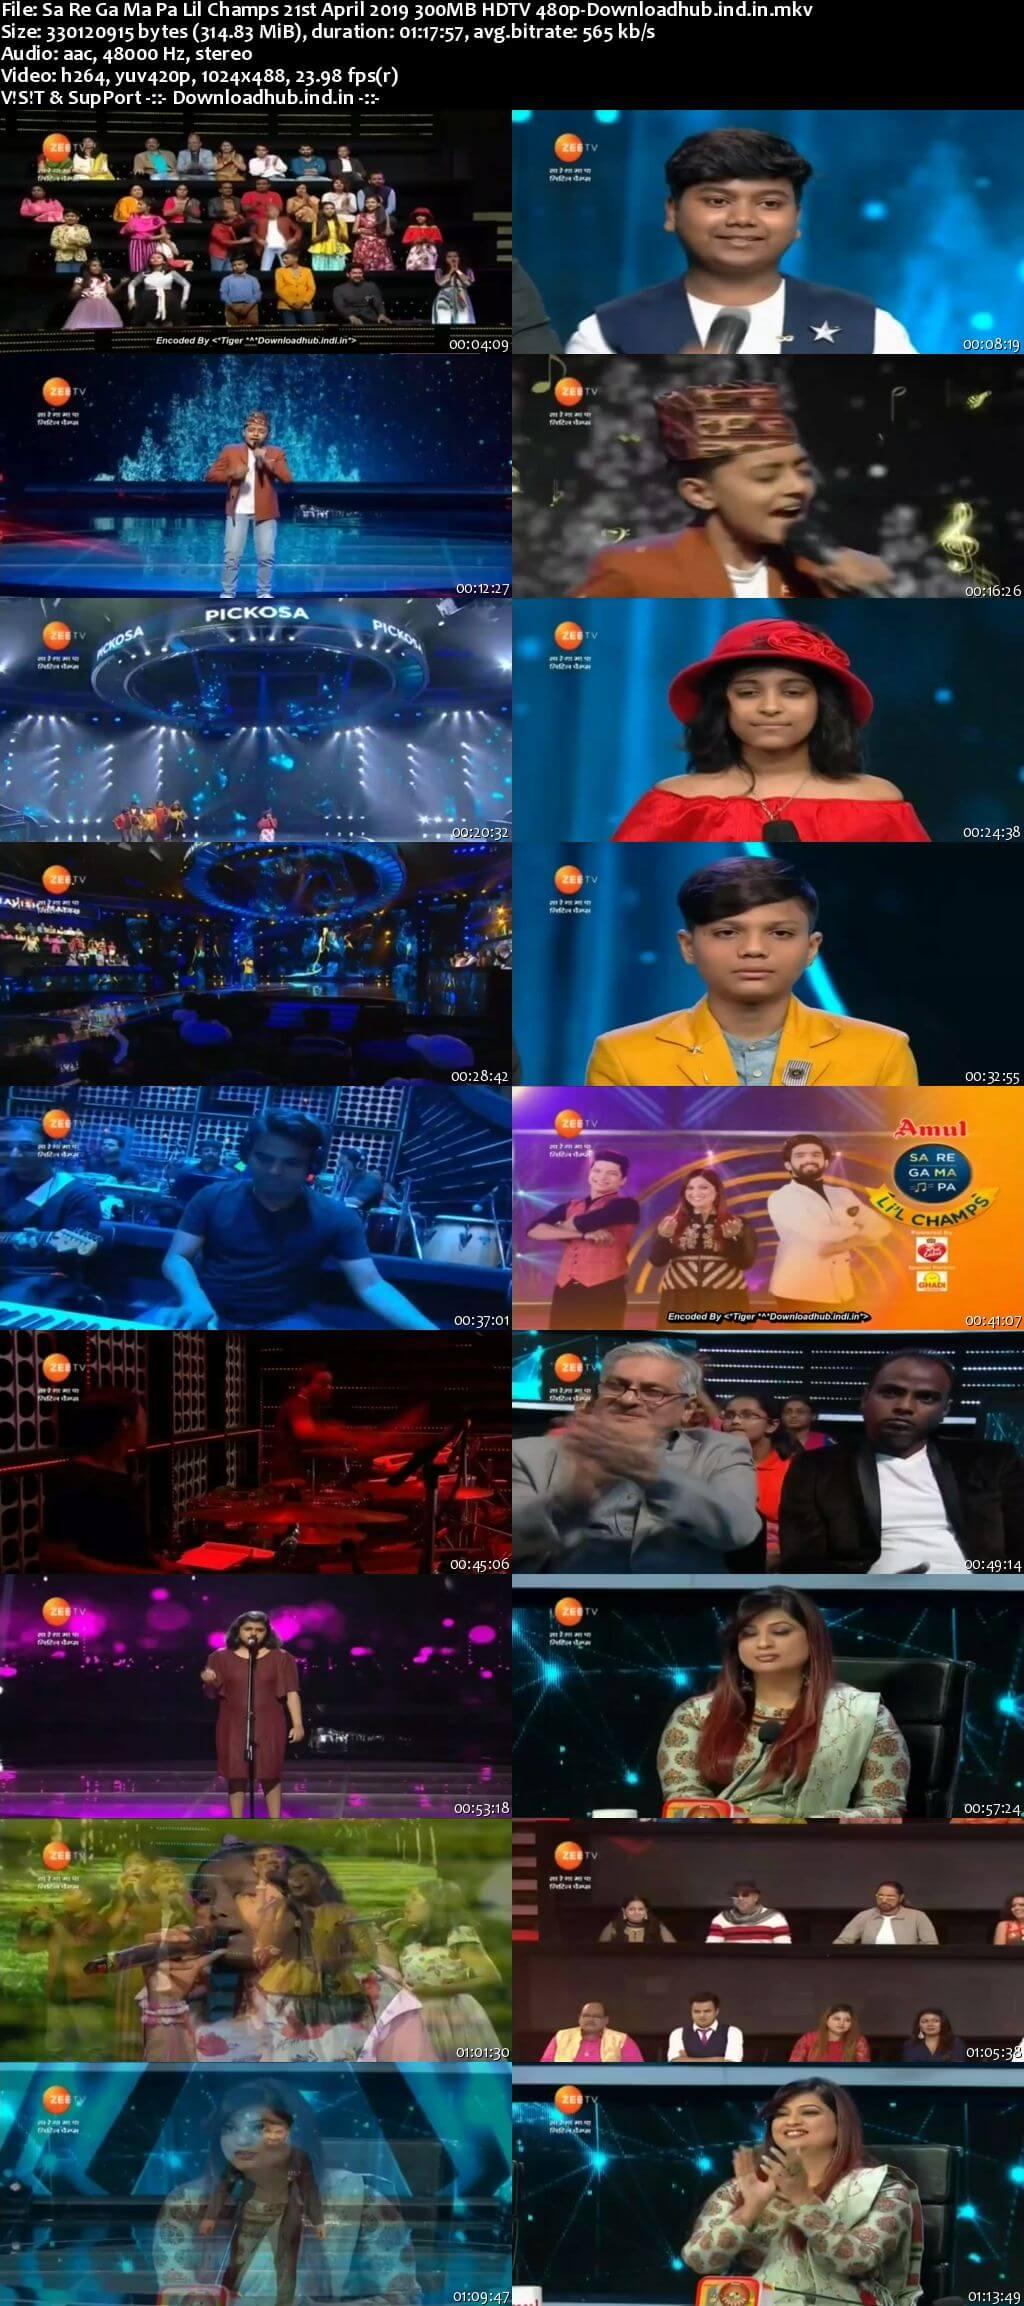 Sa Re Ga Ma Pa Lil Champs 21 April 2019 Episode 21 HDTV 480p